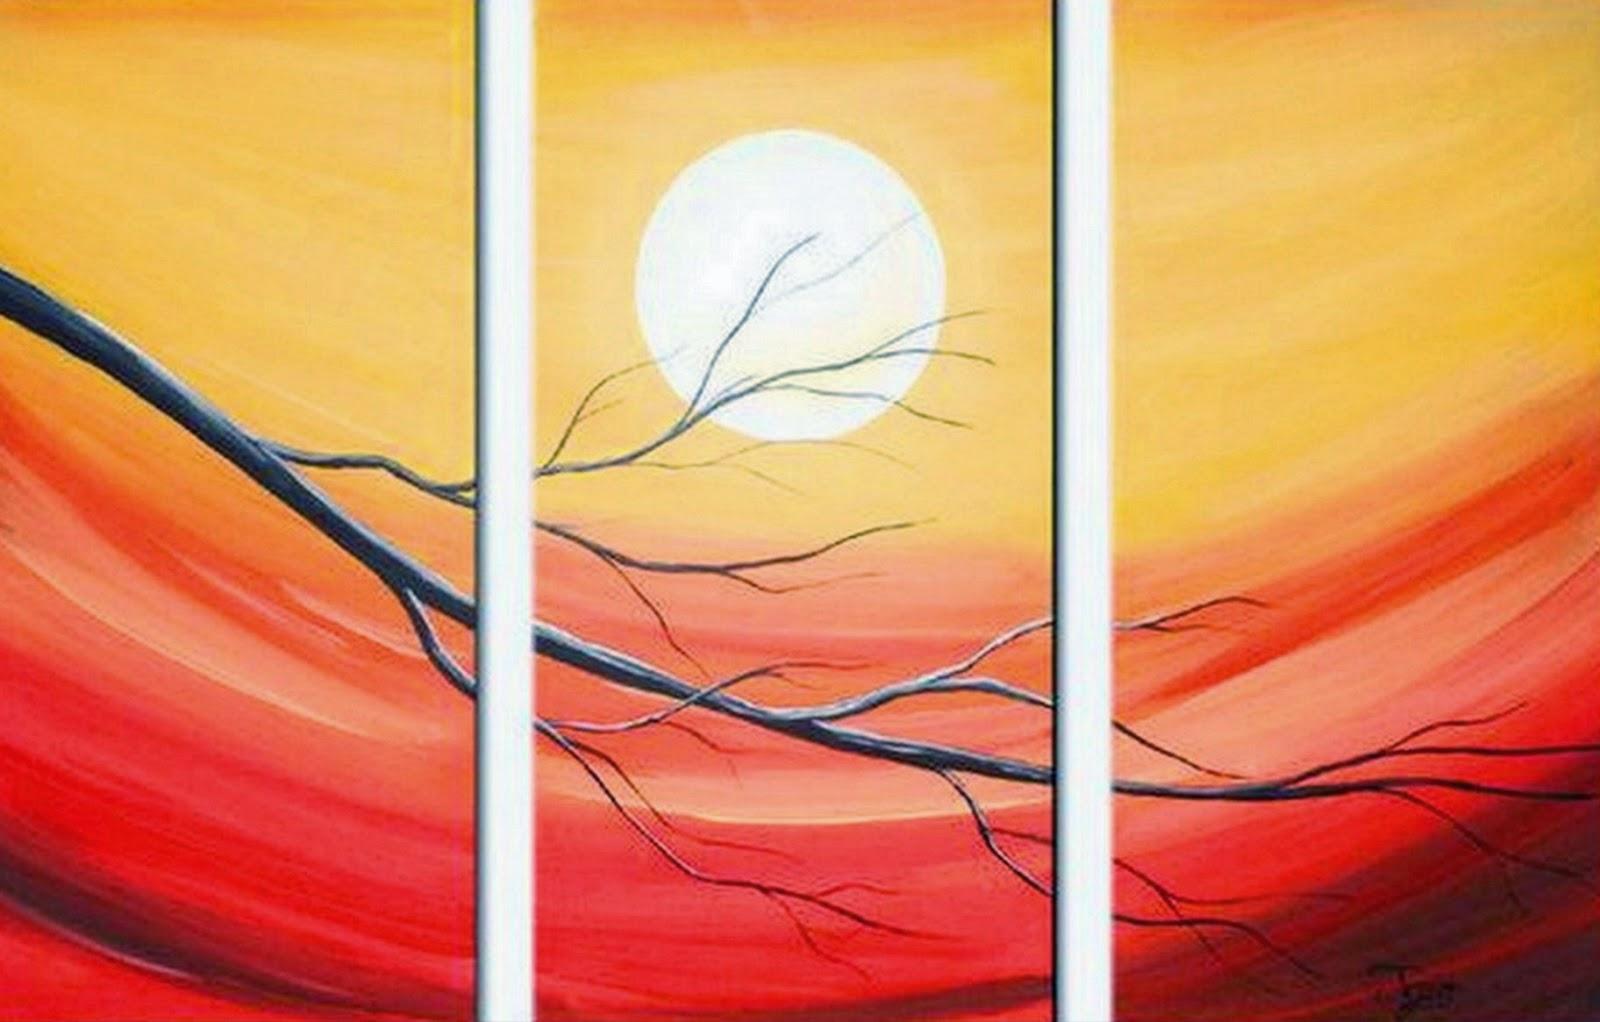 Cuadros modernos pinturas y dibujos 02 17 15 for Fotos de cuadros abstractos sencillos